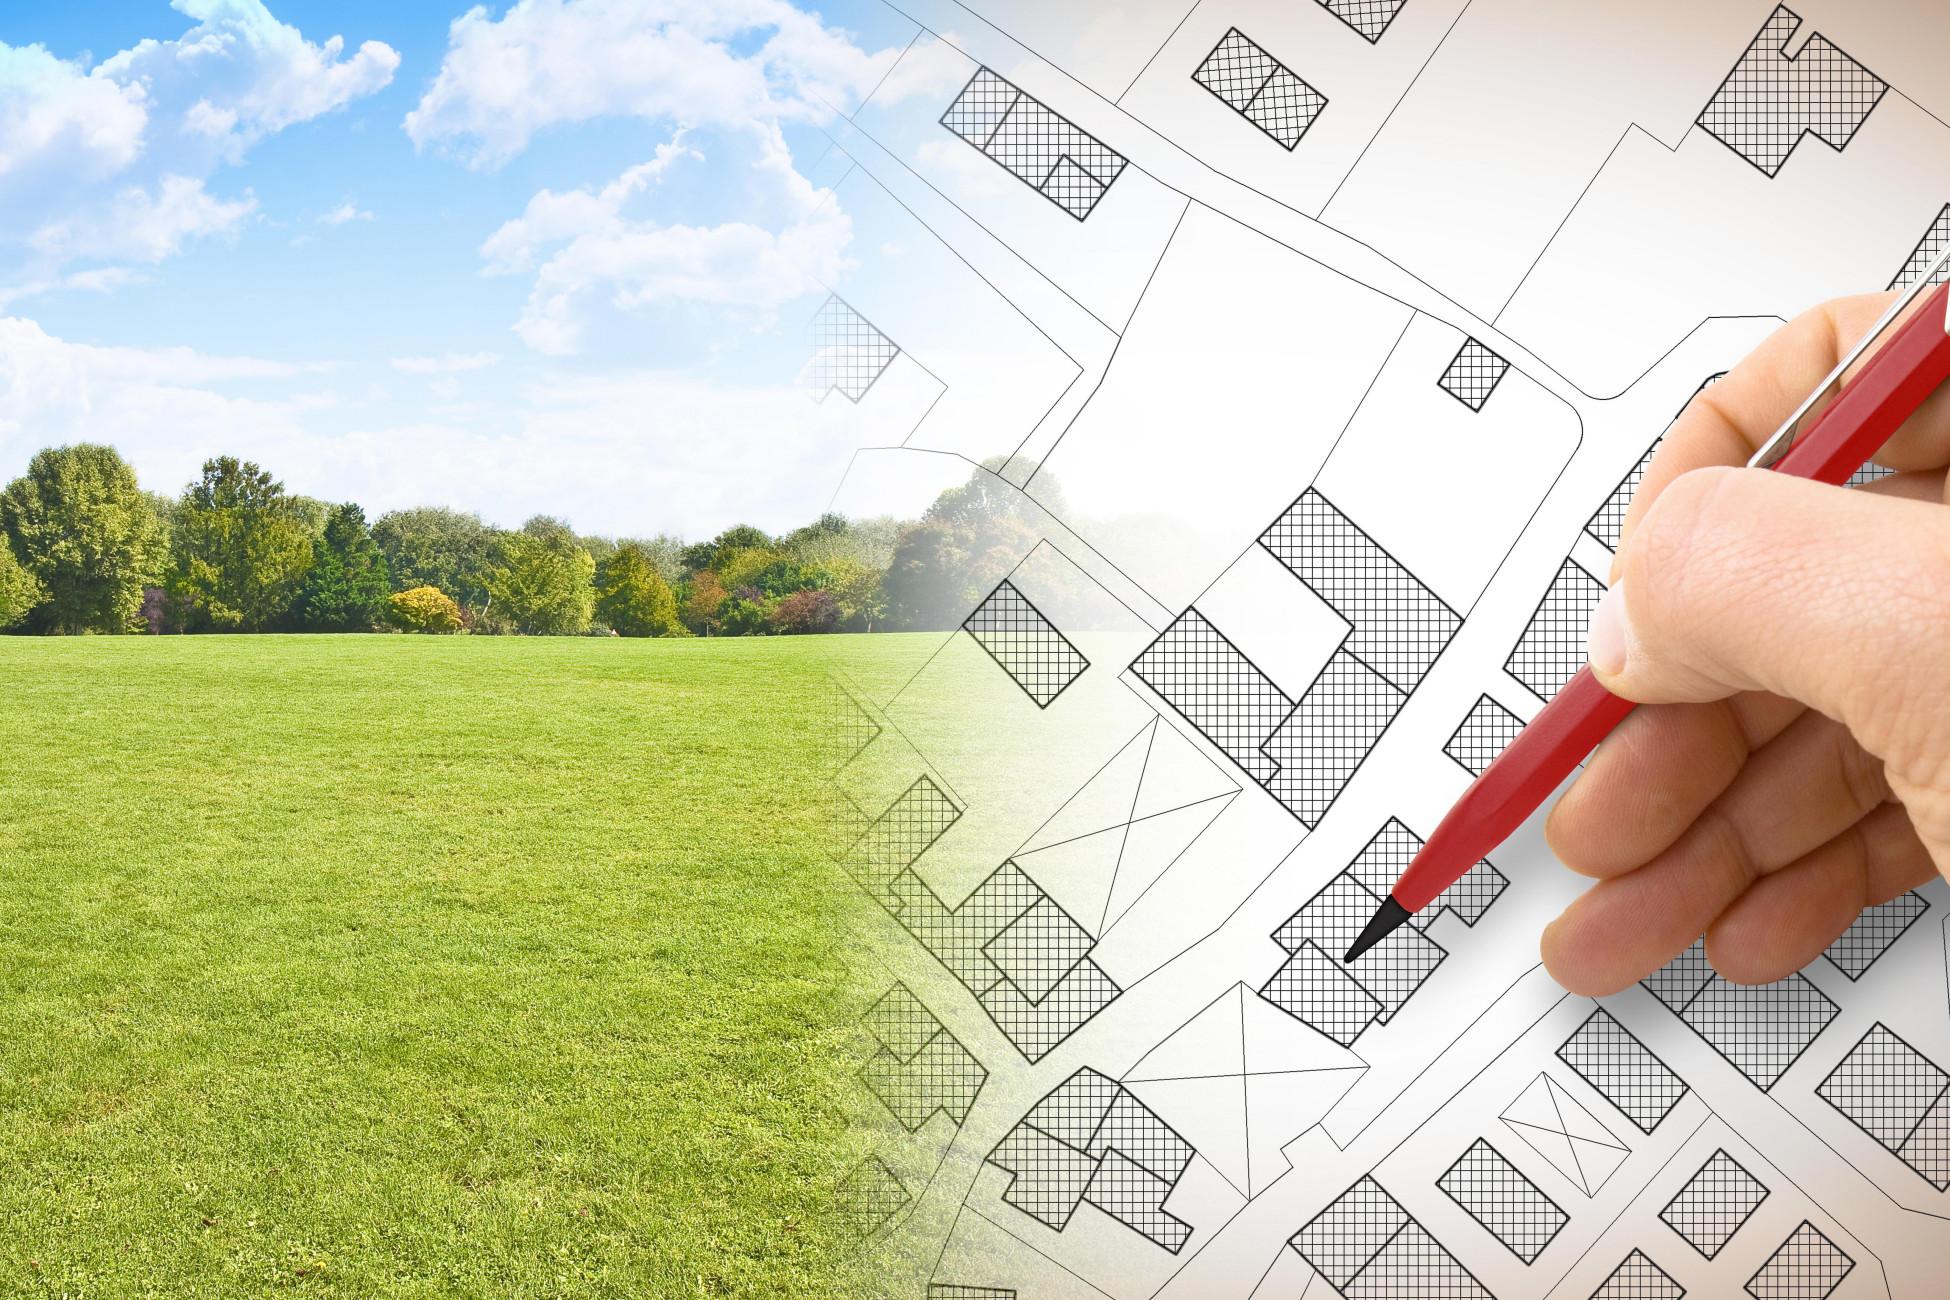 ERNE plus Projektentwicklung auf der grünen Wiese